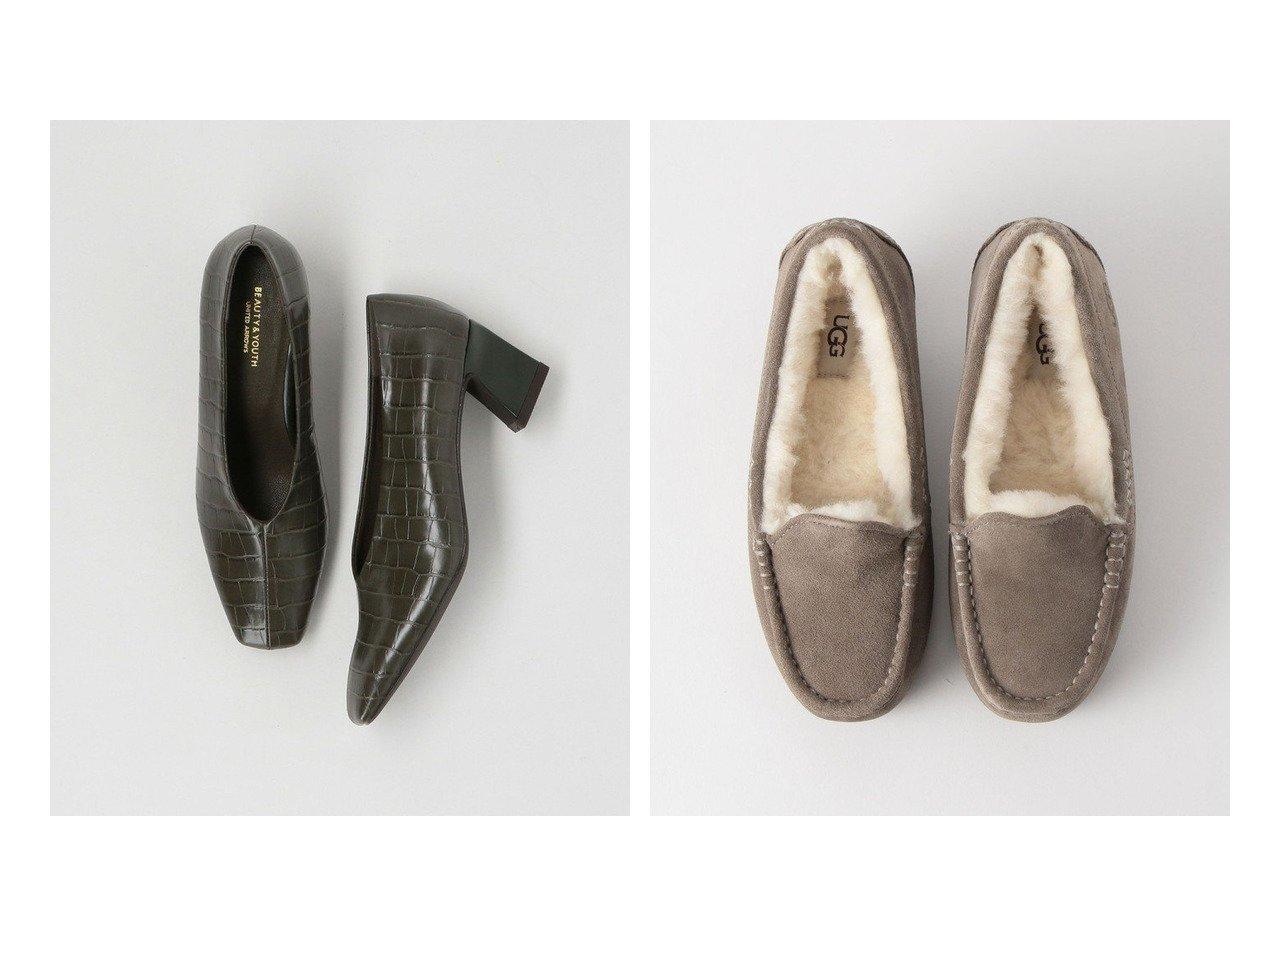 【BEAUTY&YOUTH UNITED ARROWS/ビューティアンド ユースユナイテッドアローズ】のANSLEY スエードアンスレー/スリッポン&BY エンボスクロコモチーフパンプス シューズ・靴のおすすめ!人気、レディースファッションの通販 おすすめで人気のファッション通販商品 インテリア・家具・キッズファッション・メンズファッション・レディースファッション・服の通販 founy(ファニー) https://founy.com/ ファッション Fashion レディース WOMEN シューズ トレンド フェミニン ベーシック 秋冬 A/W Autumn/ Winter カリフォルニア クラシック スエード スリッポン デニム 定番 人気 フォルム マキシ ワイド  ID:crp329100000001575